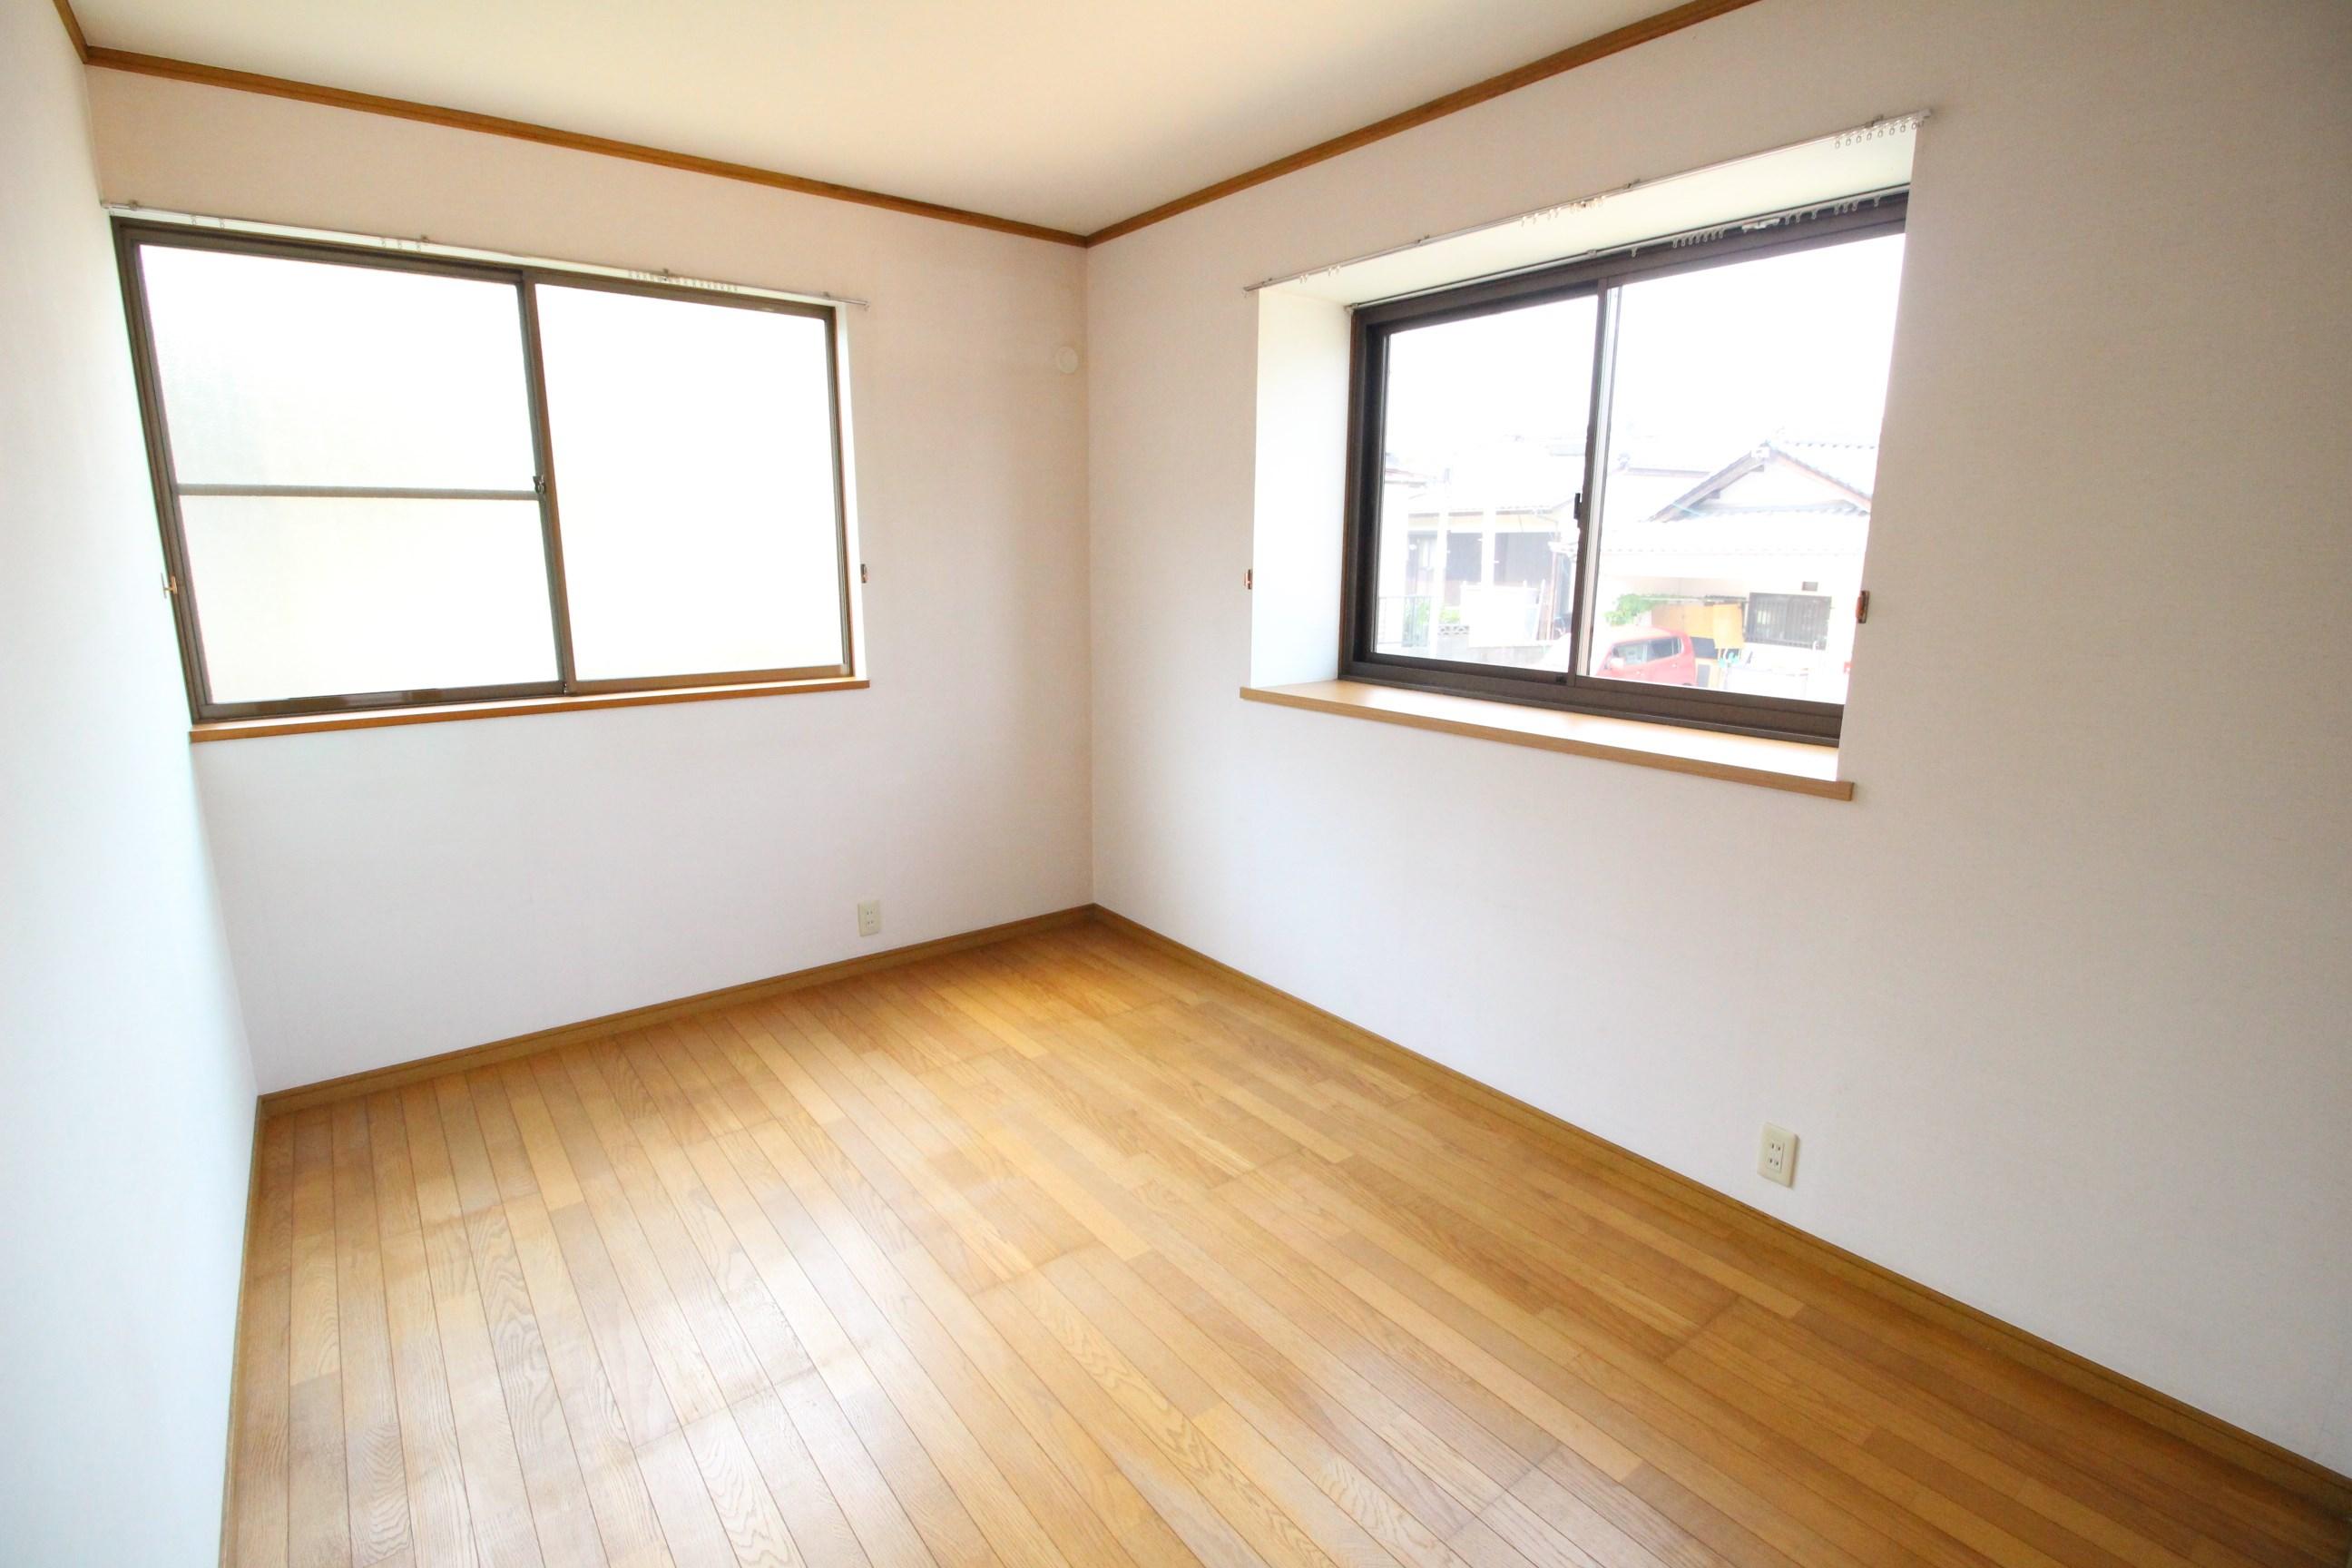 西大坪Mアパート ベッドルーム